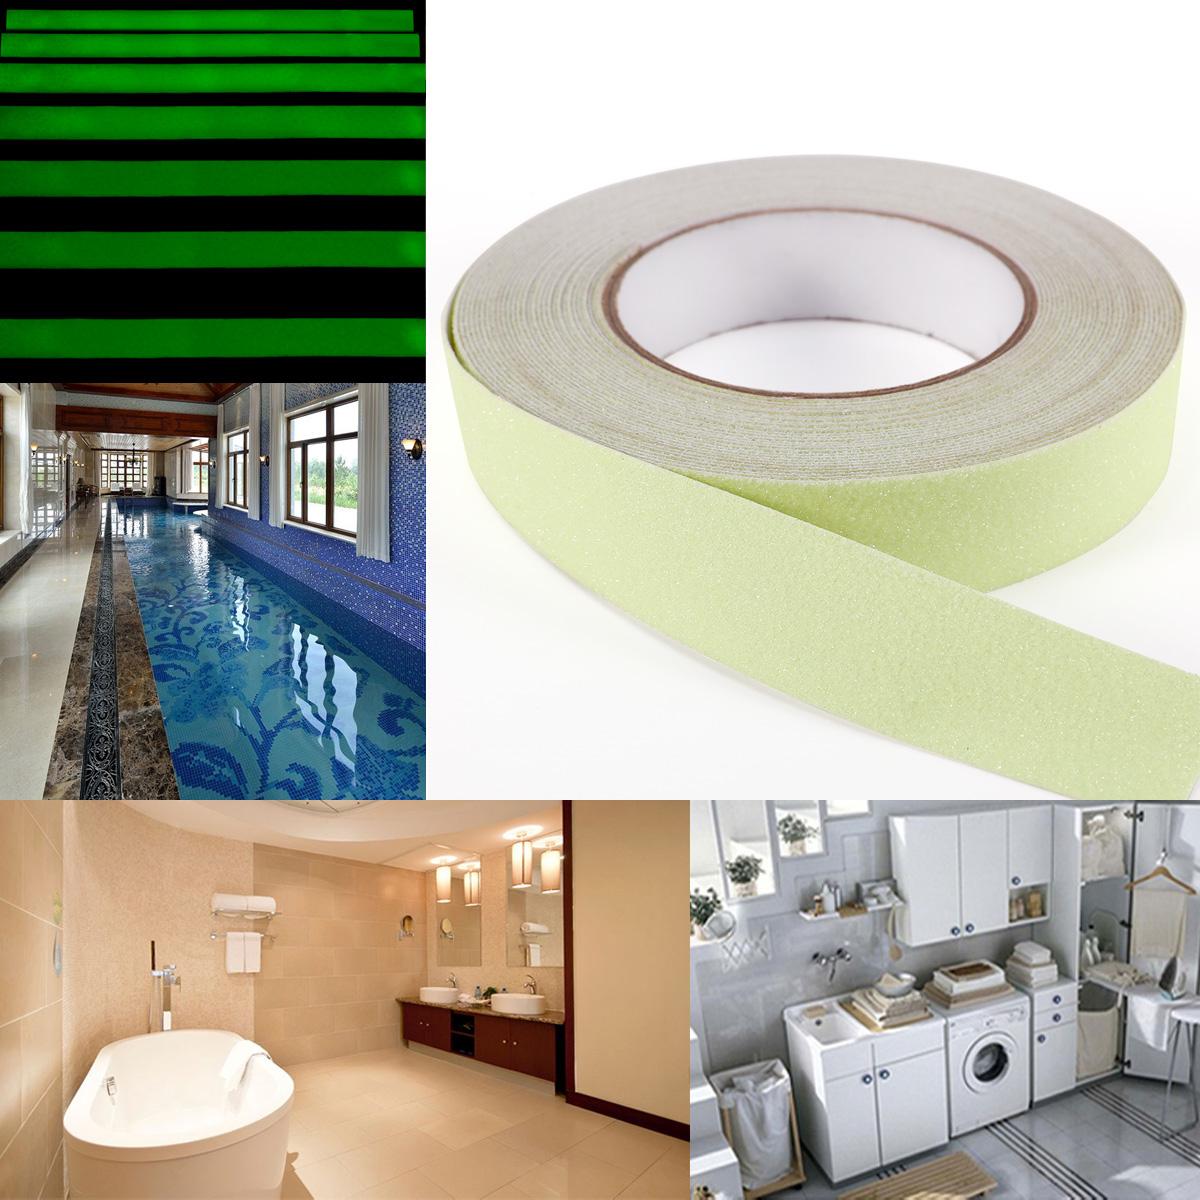 Cinta antideslizante fotoluminiscente para escaleras - Antideslizante para duchas ...